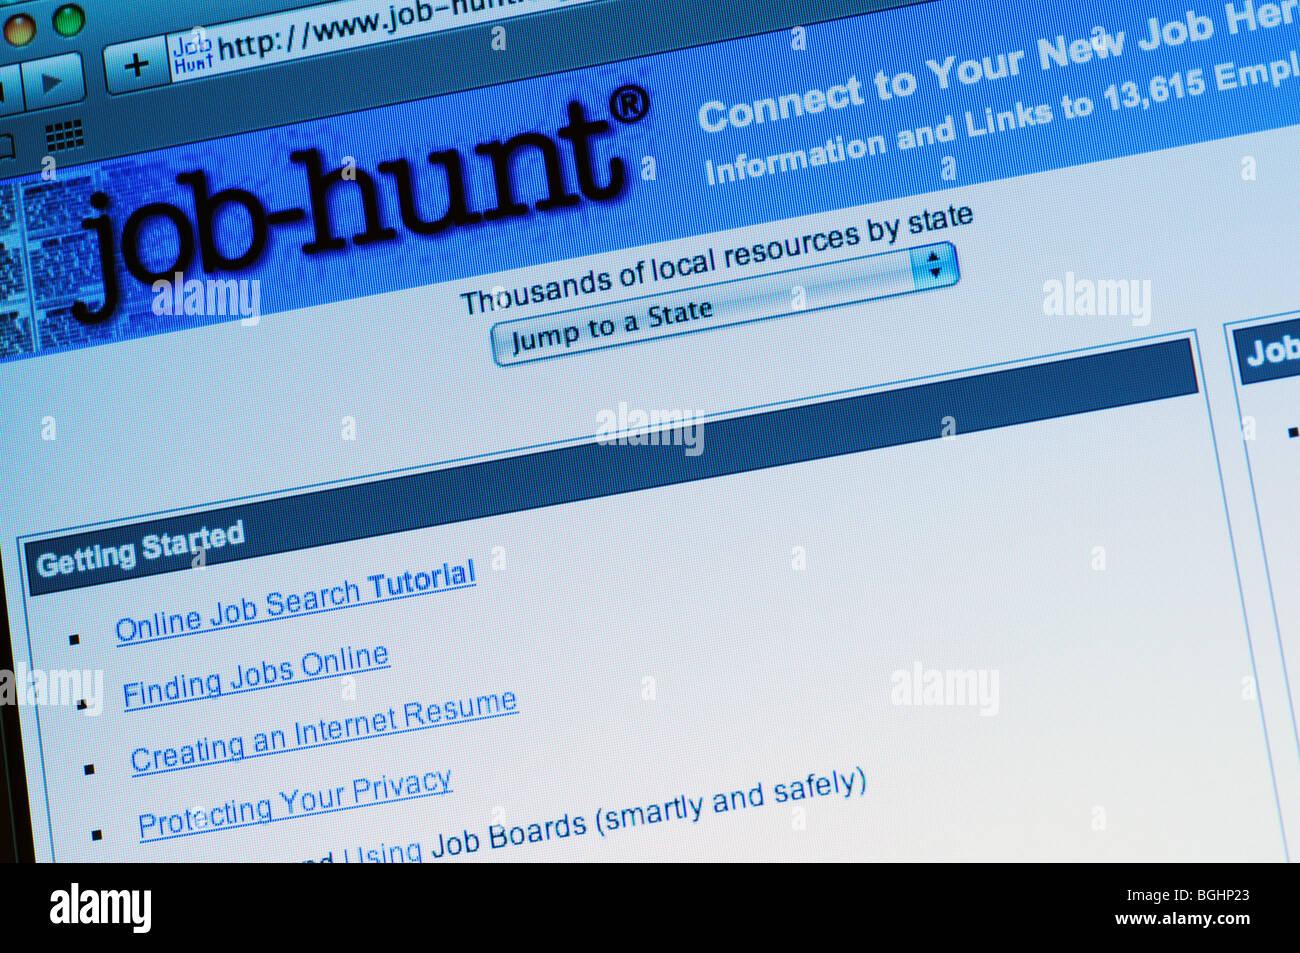 Job Hunt website - Stock Image